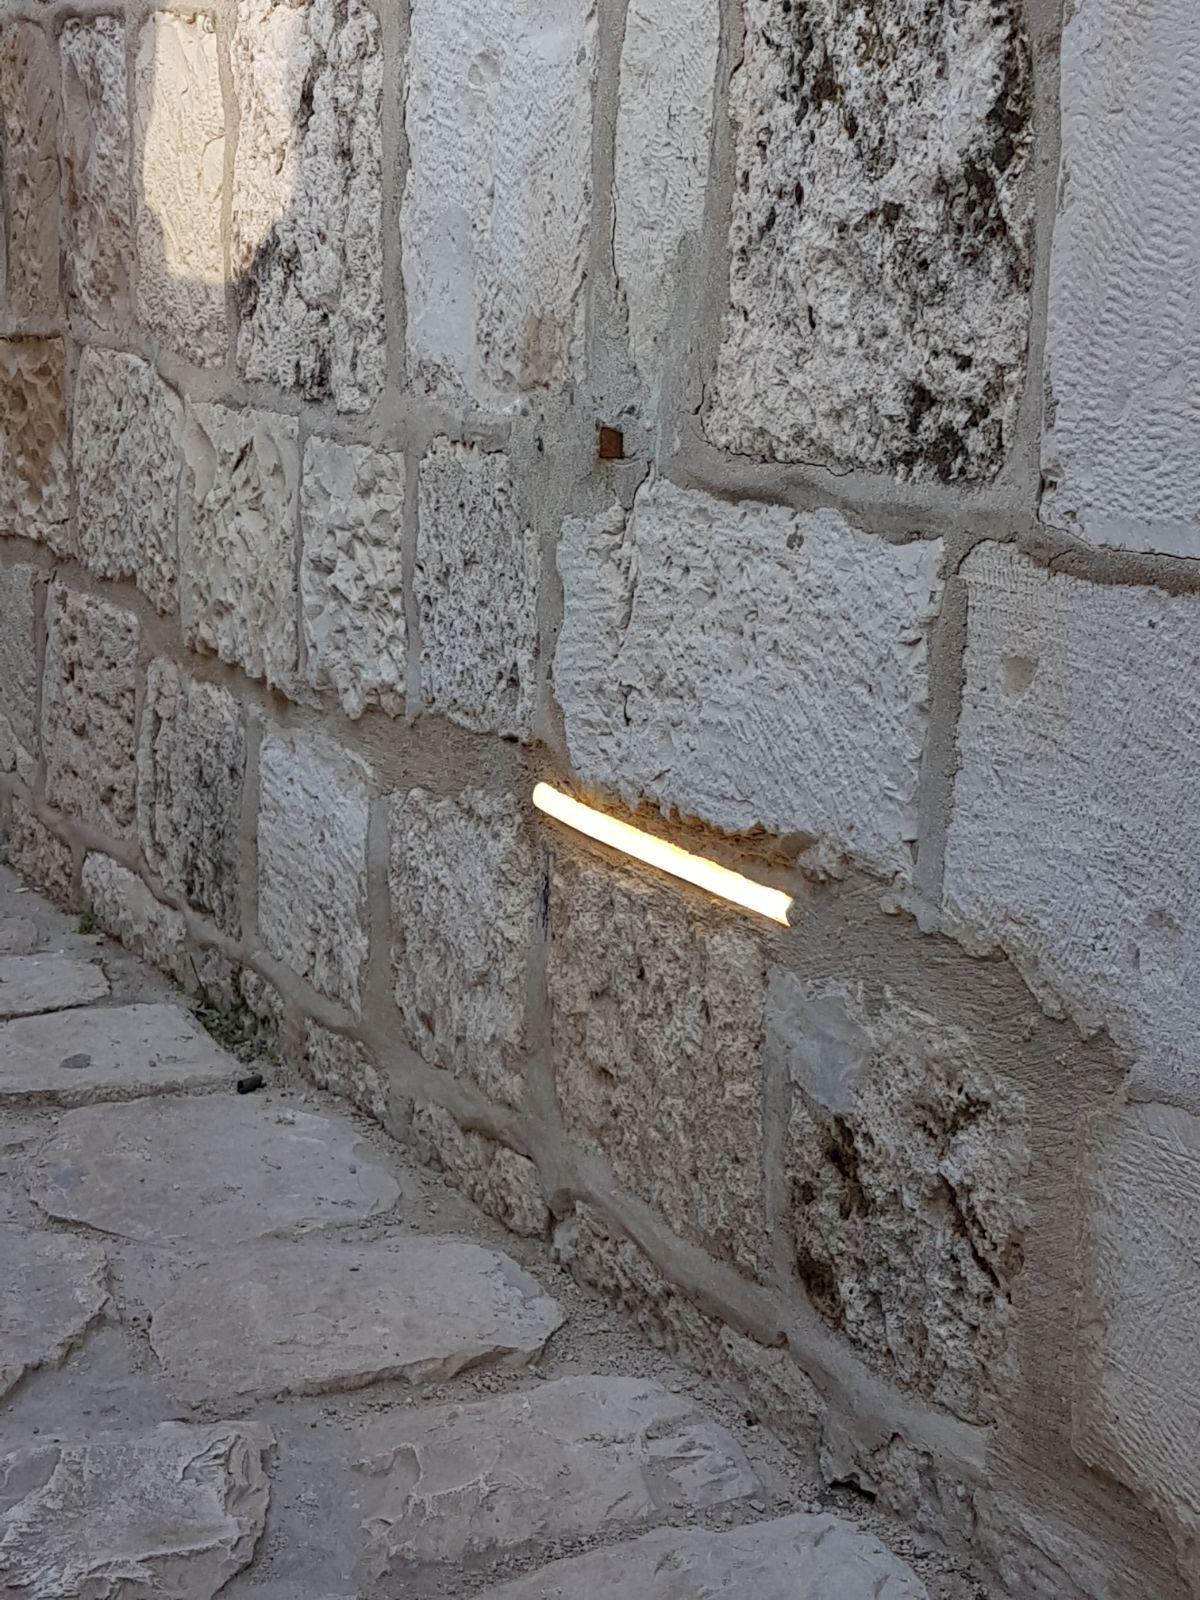 שיקום טיילת חומות העיר העתיקה, ירושלים תמונה מספר 28